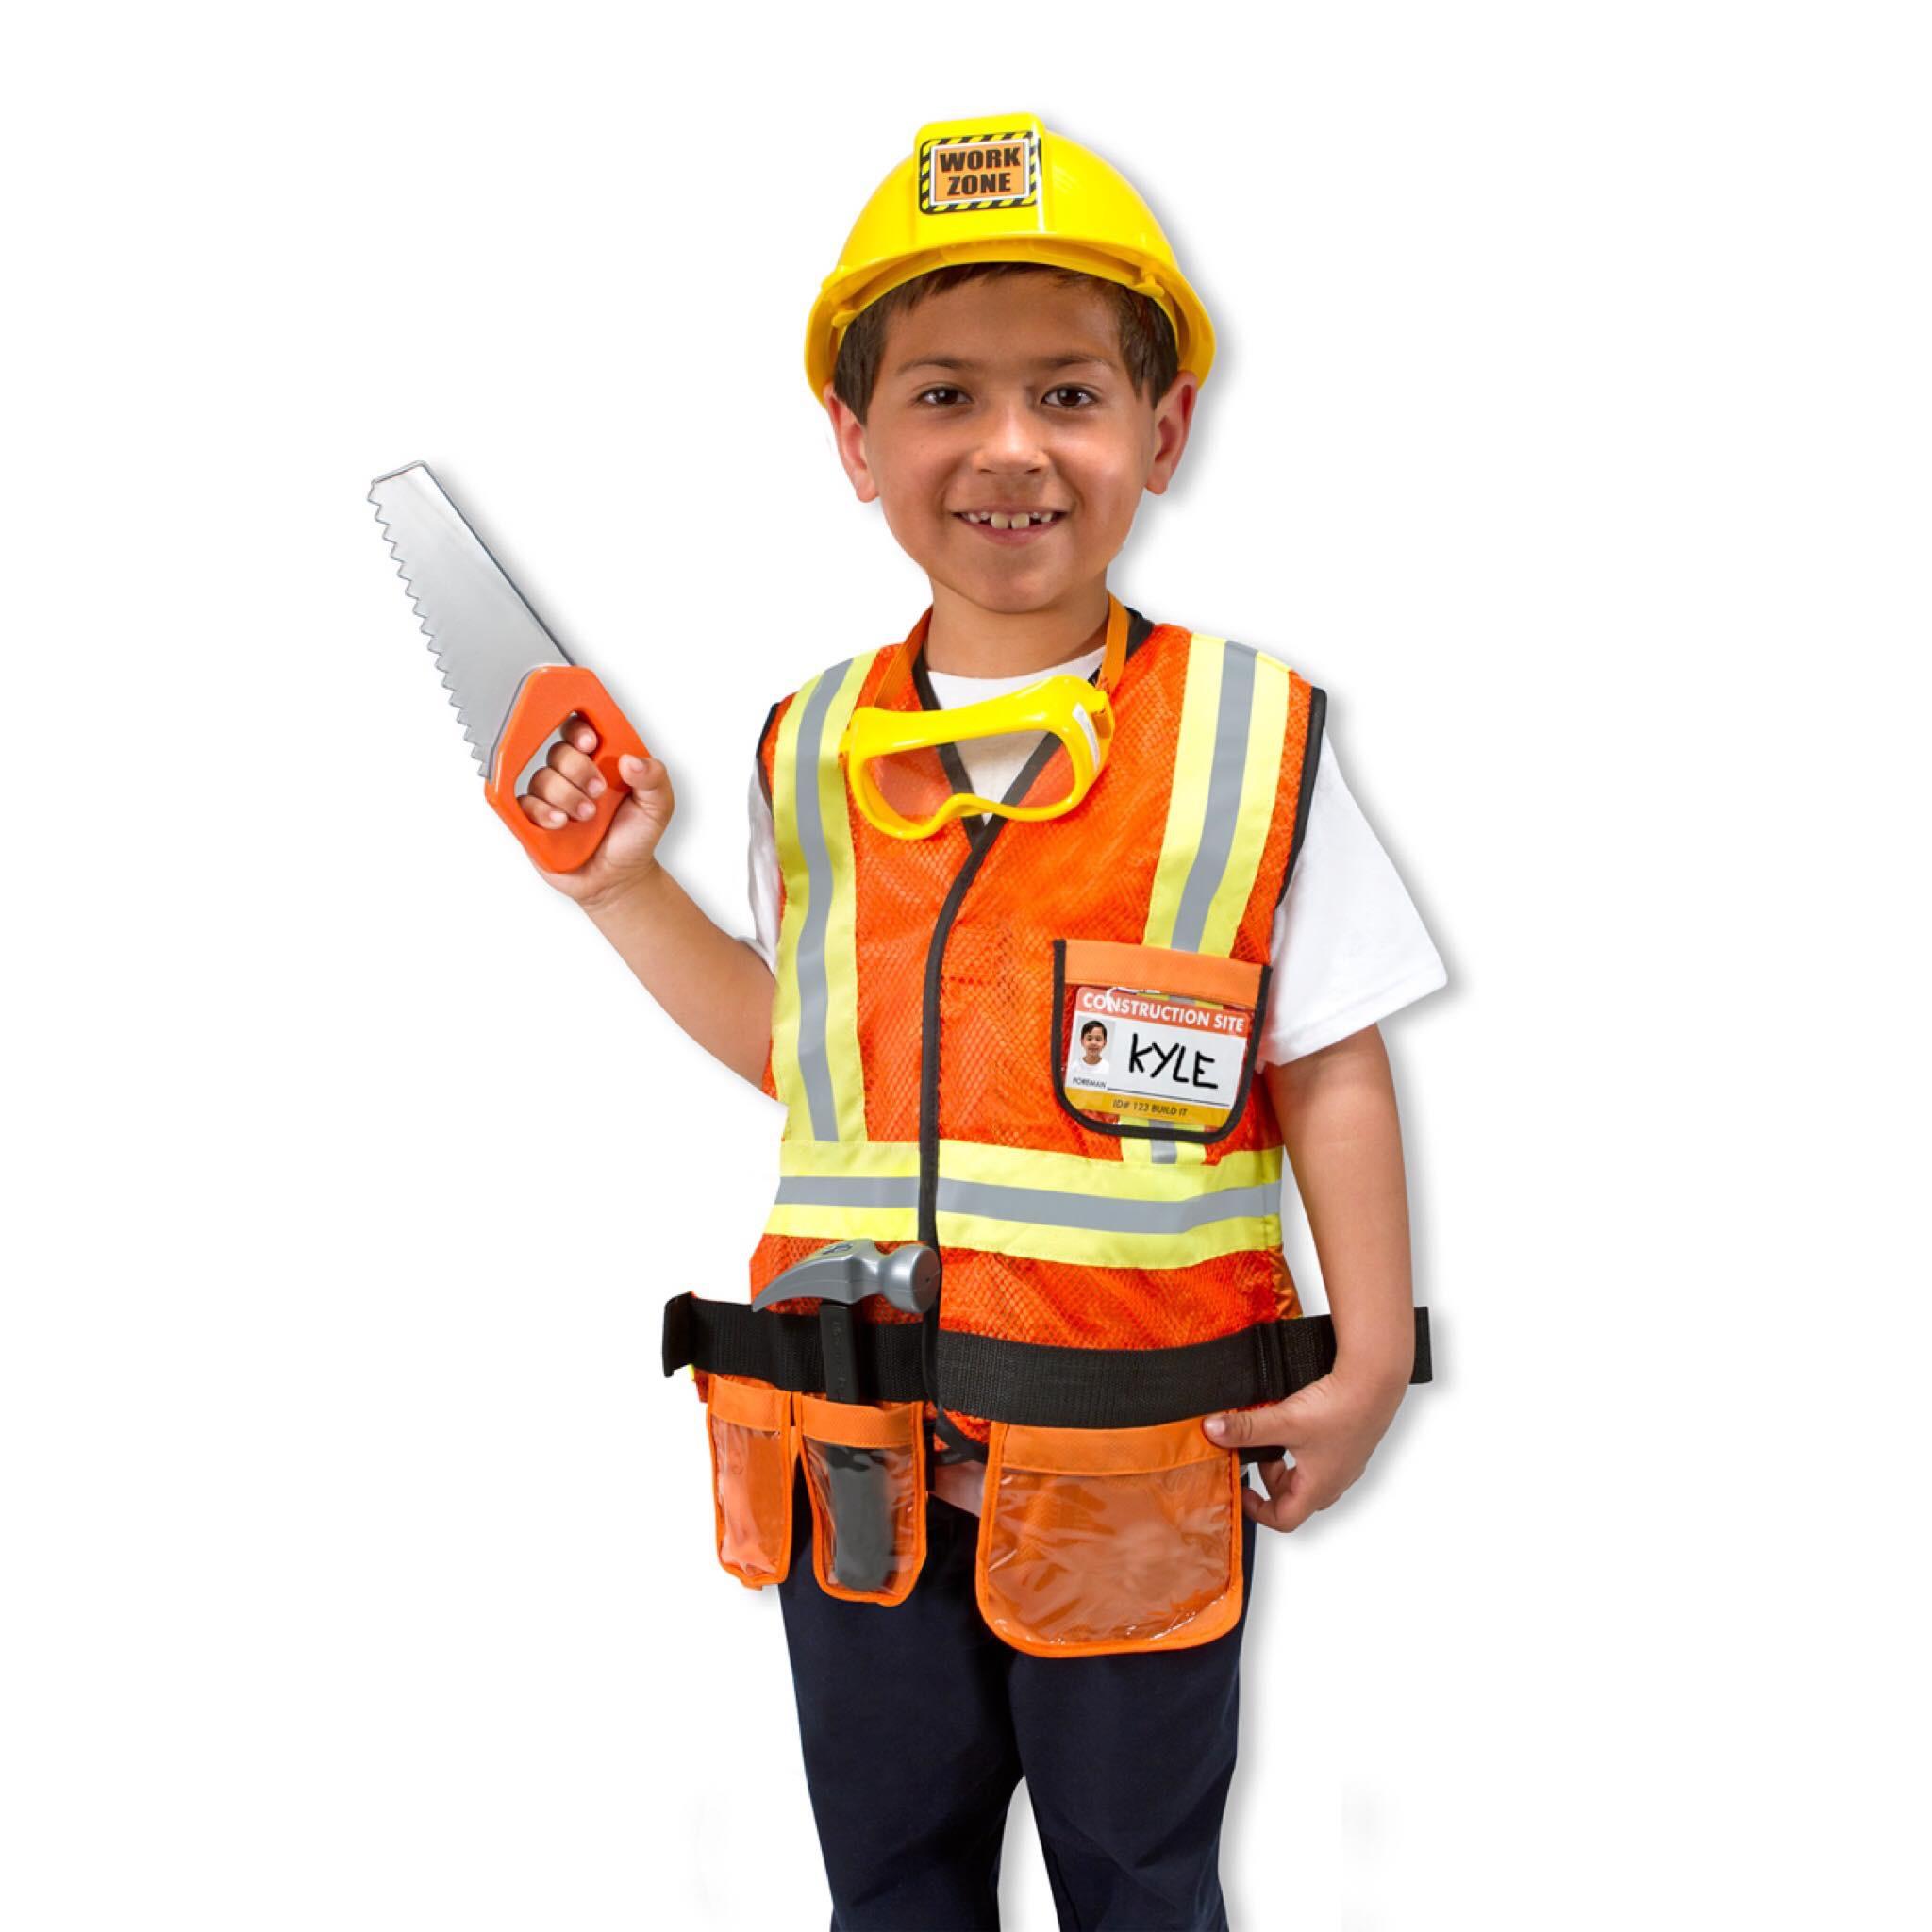 ชุดแฟนซีคอสตูมพร้อมอุปกรณ์สุดน่ารัก Melissa & Doug รุ่น Role Play Costume Set (Construction Worker)